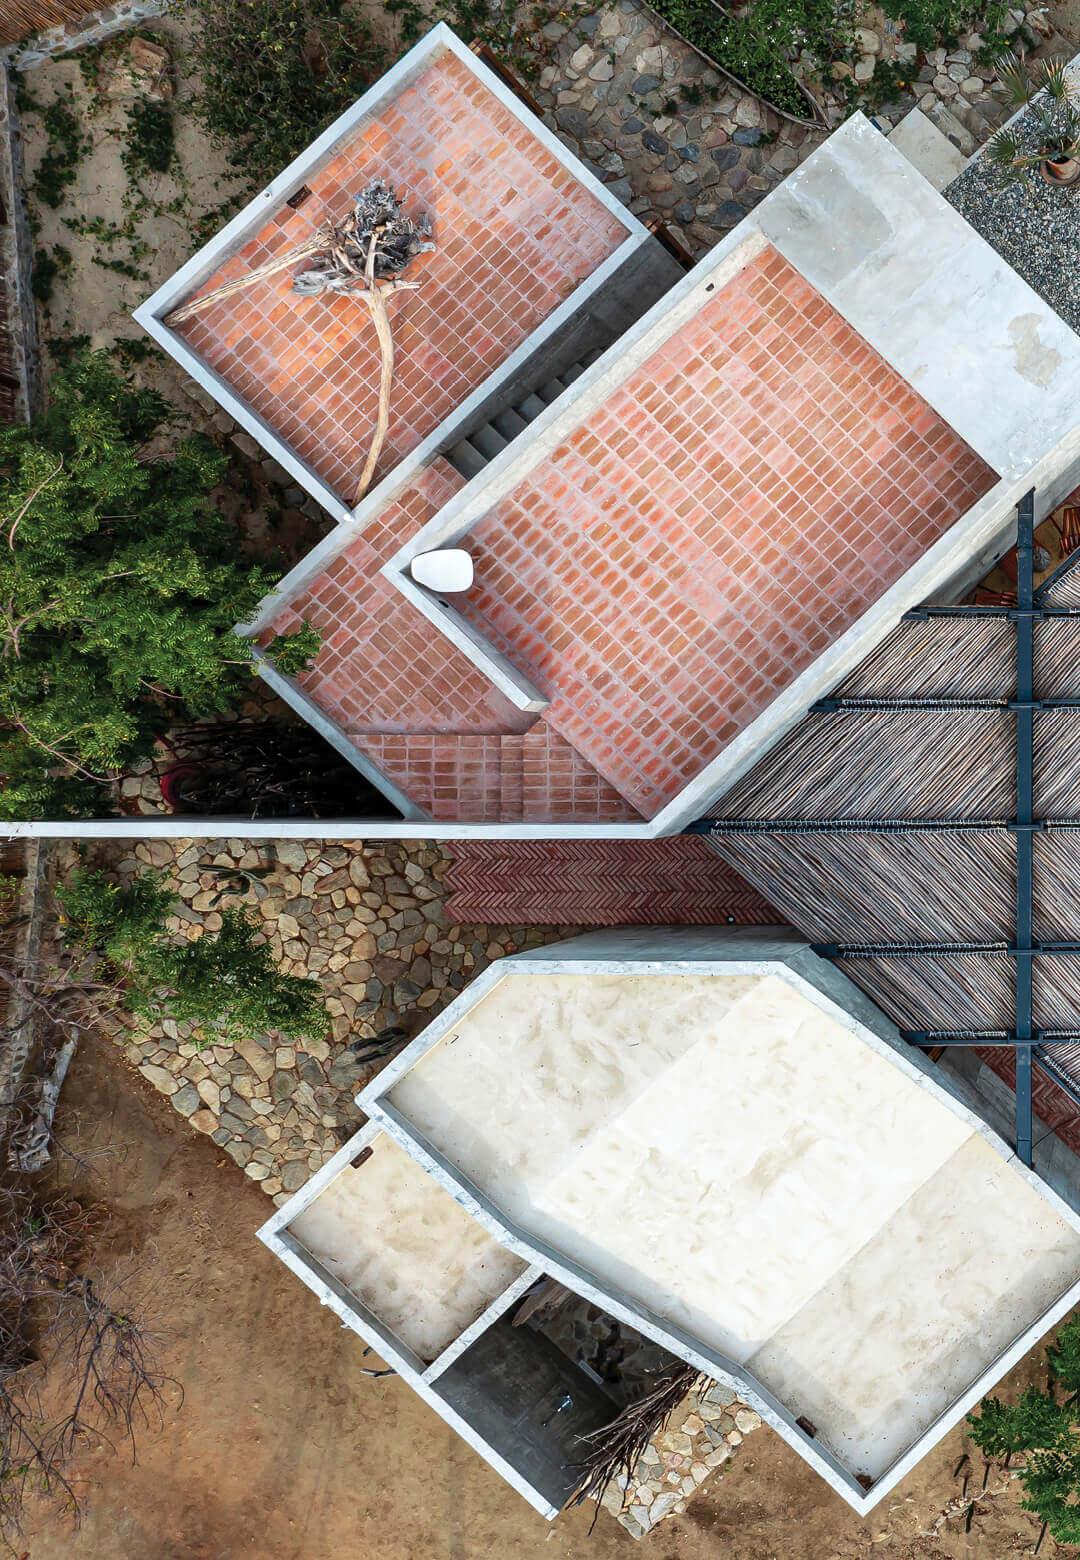 La Casa del Sapo by Espacio 18 Arquitectura | La Casa del Sapo by Espacio 18 Arquitectura | STIRworld